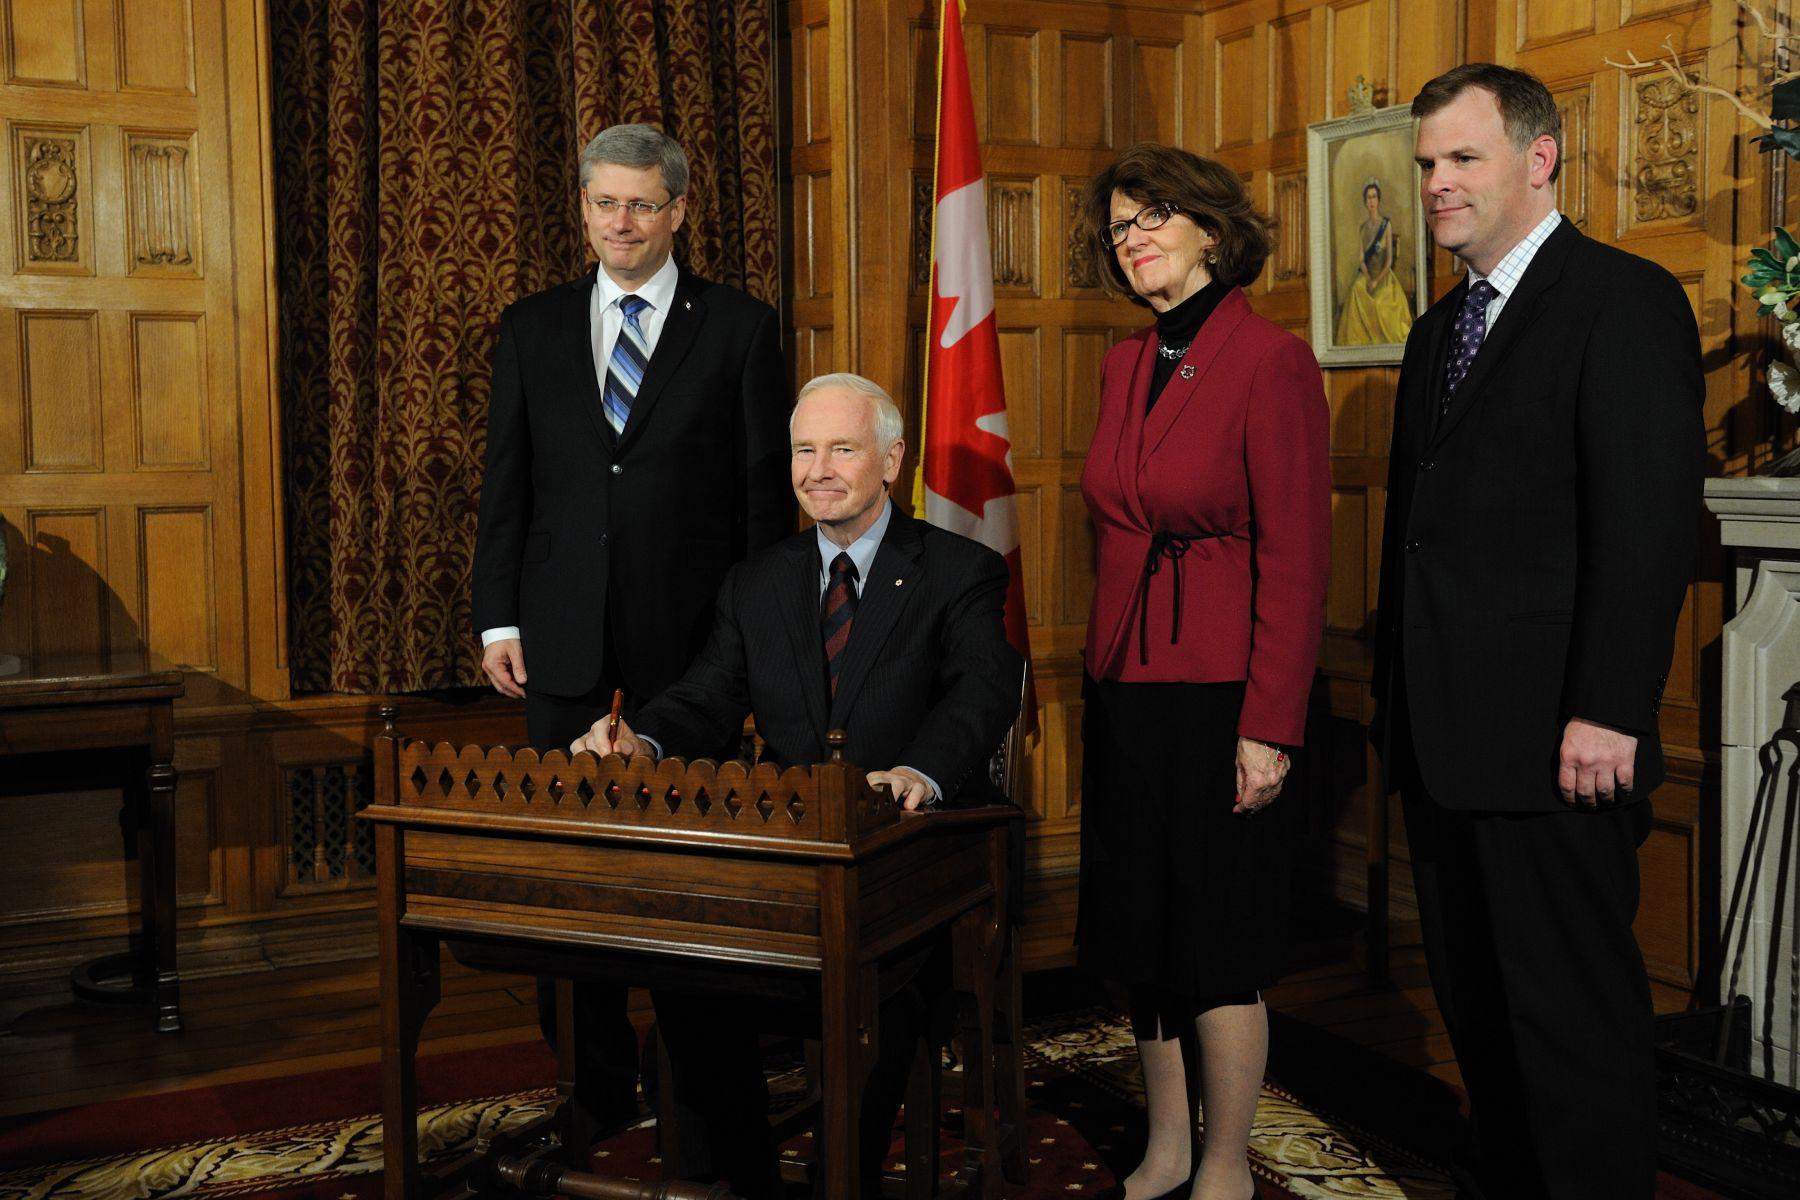 archiv e la gouverneure g n rale du canada photos sanction royale dans la chambre du s nat. Black Bedroom Furniture Sets. Home Design Ideas